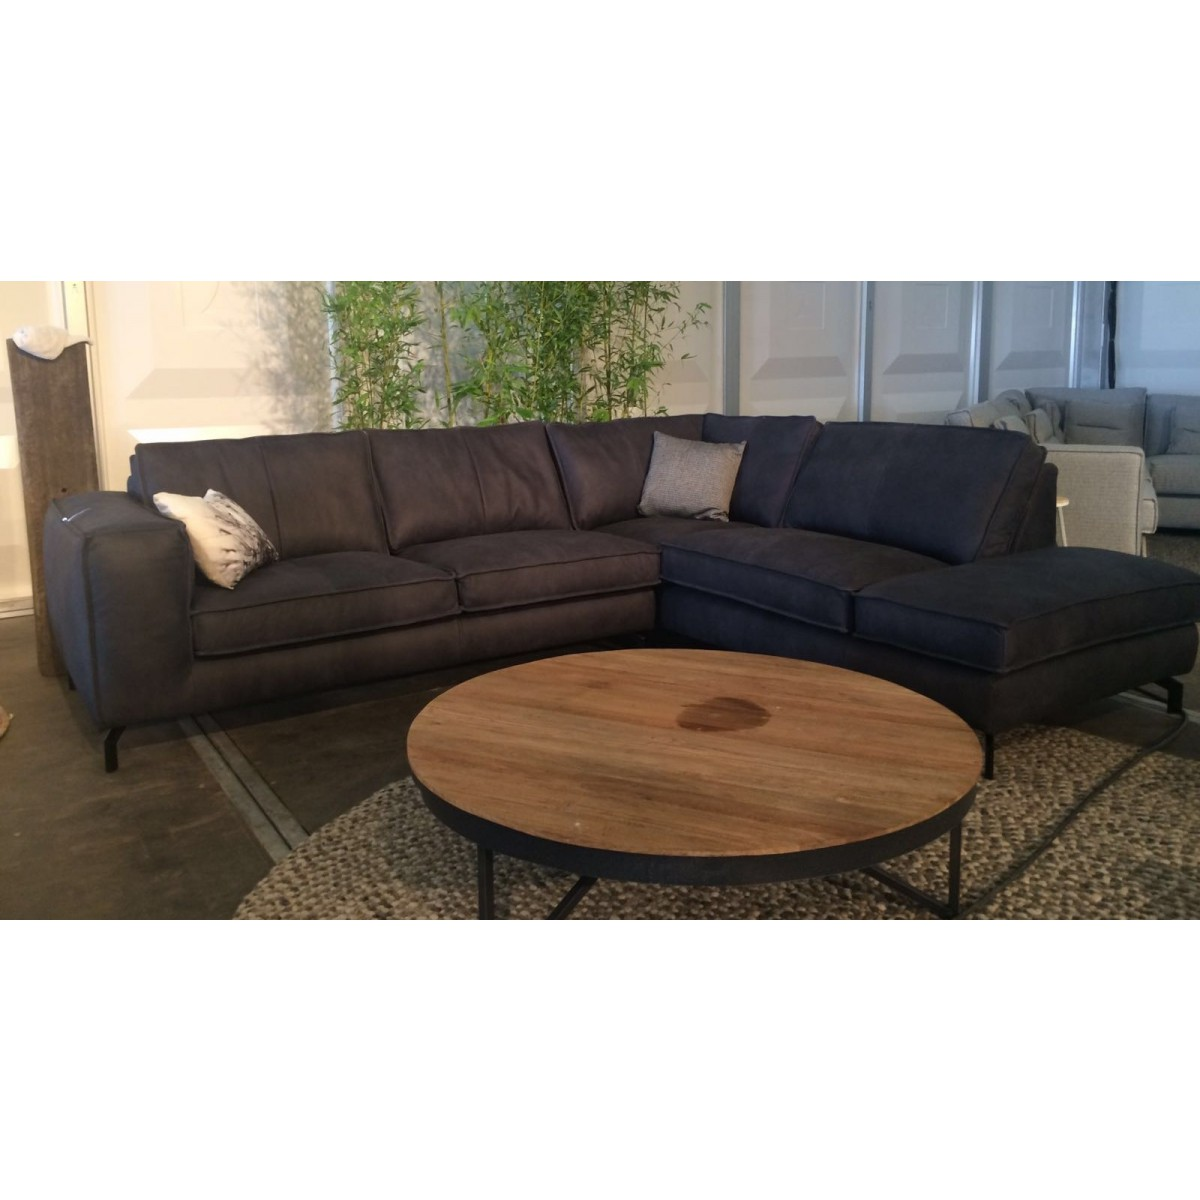 valerio-hoekbank-colorado-leder-zonder-ruitmotief-easy-sofa-1